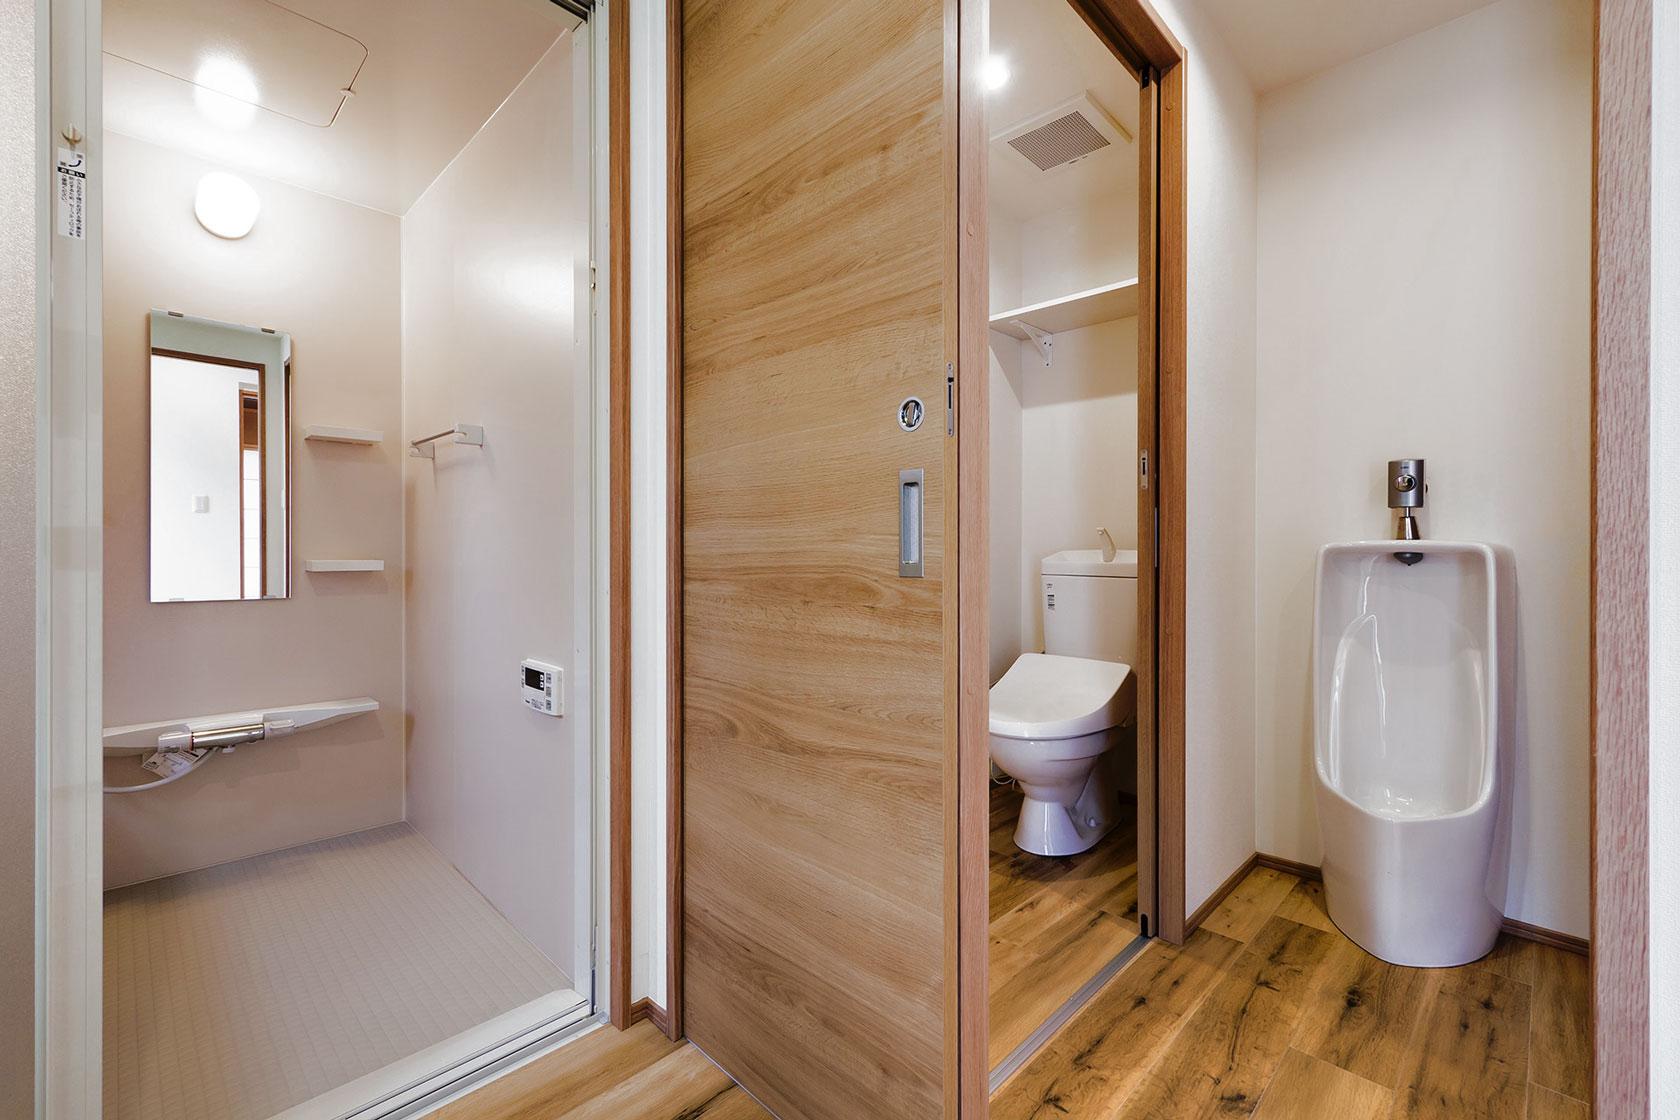 オーナー室をバリアフリー仕様にした鉄筋コンクリート造の自宅併用マンション – 室田ビル